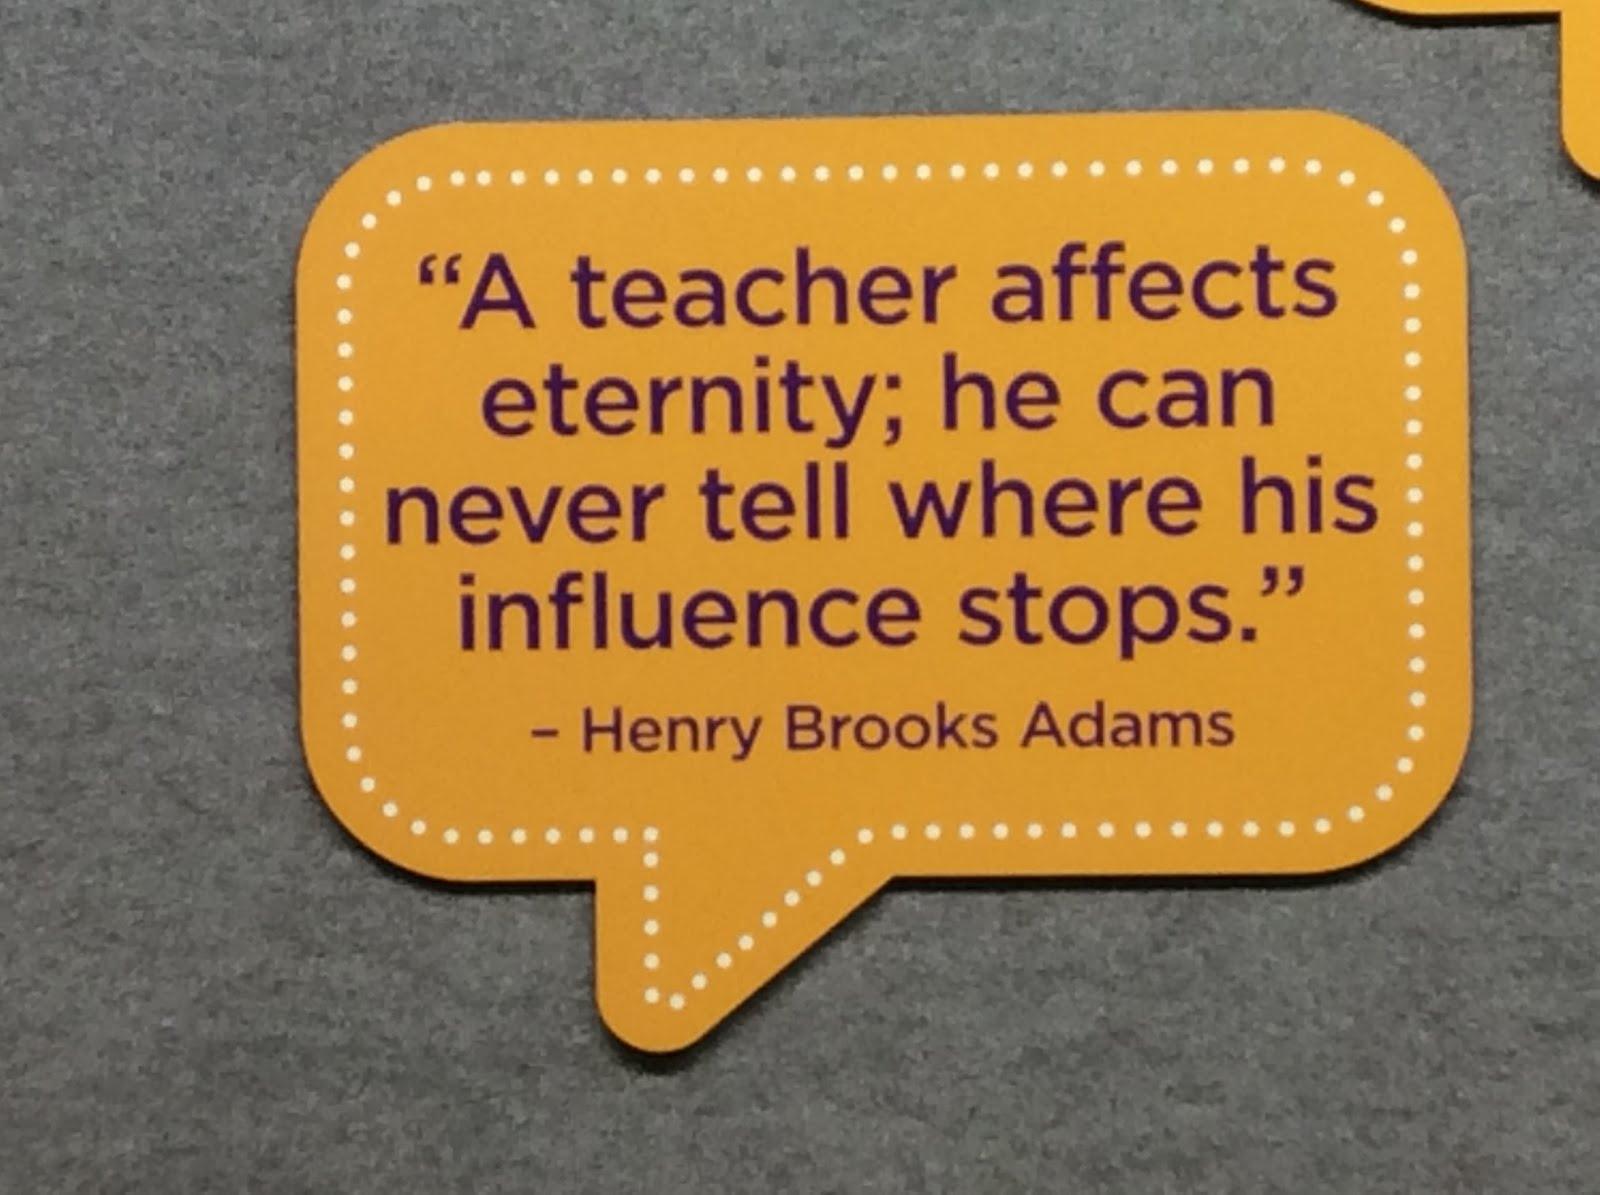 כוחו של מורה